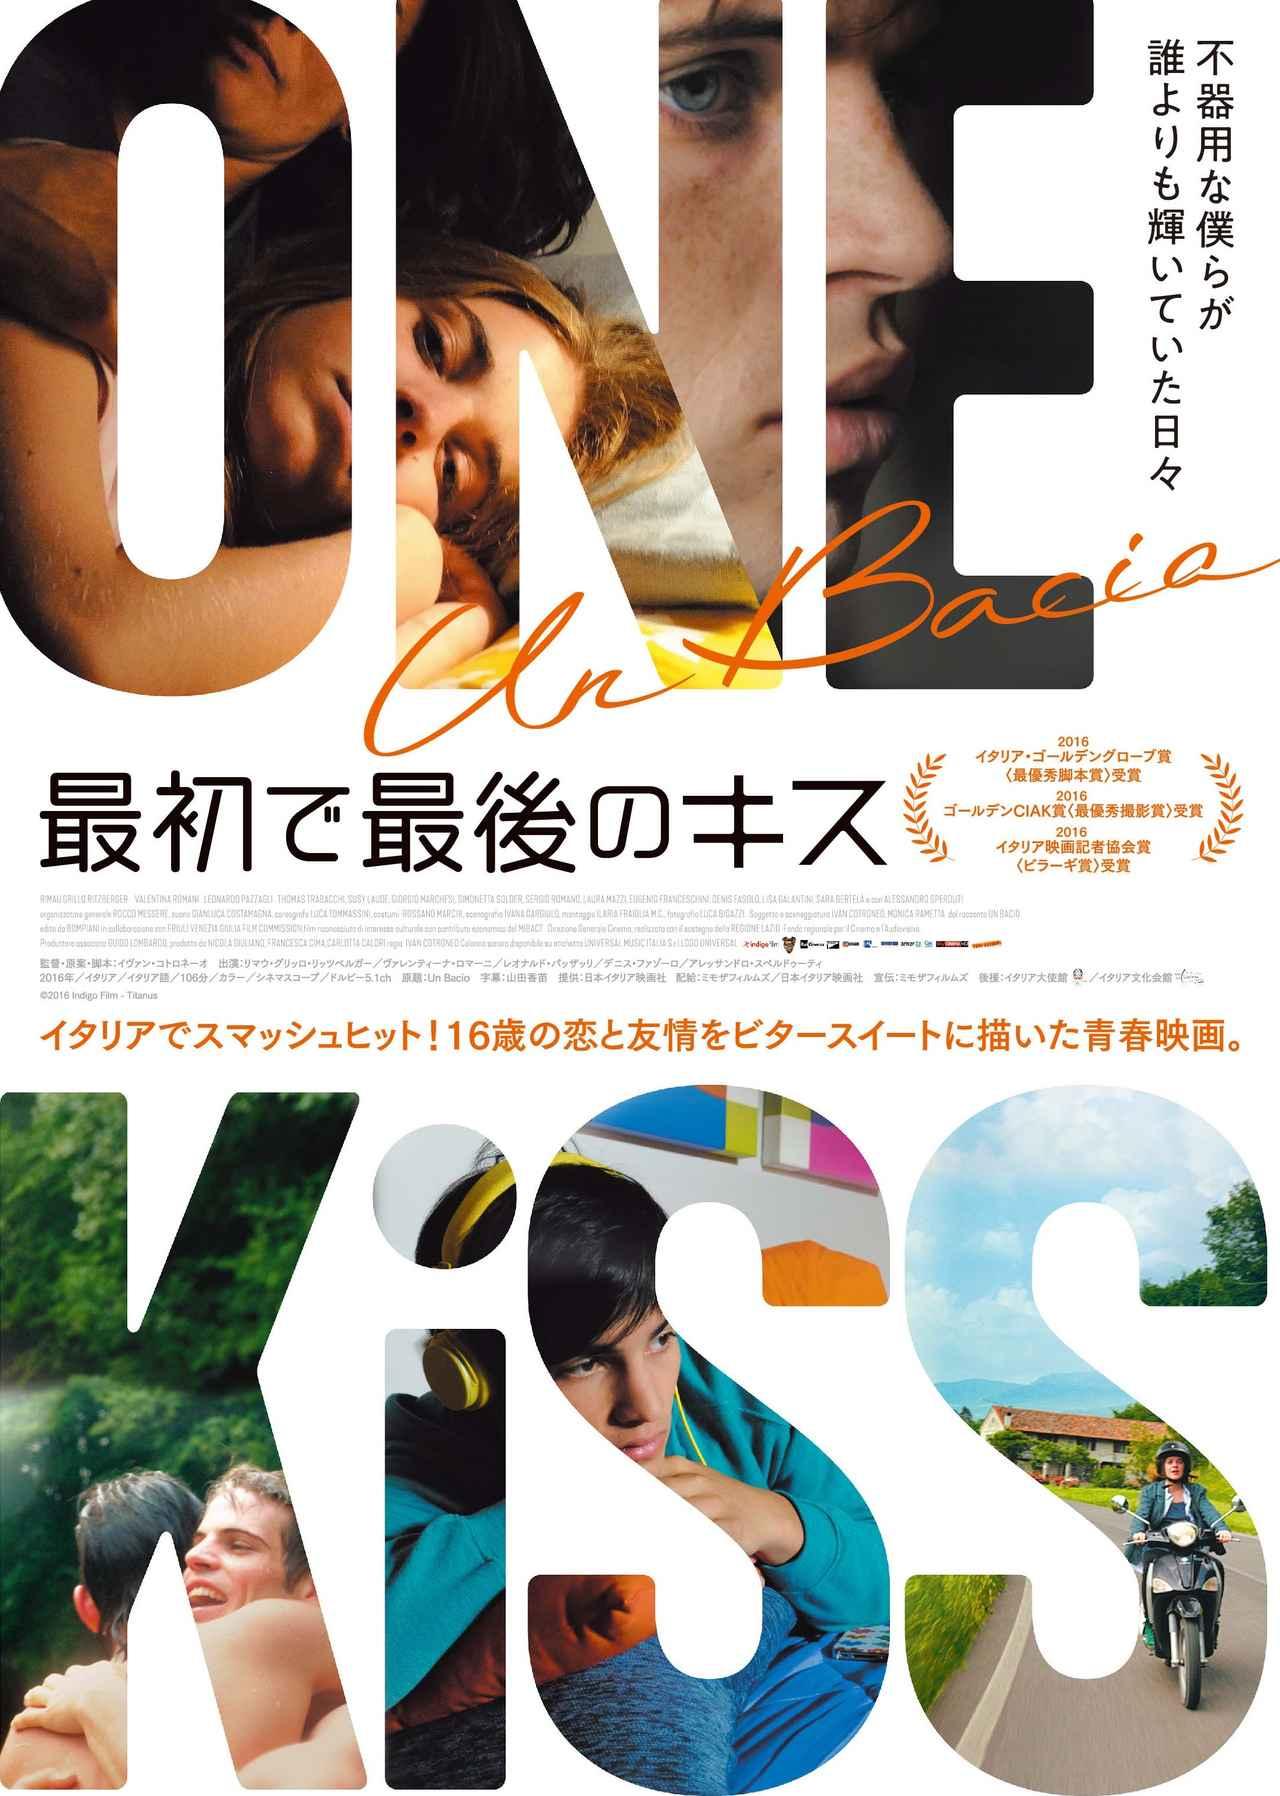 画像: 16歳の恋と友情を描くビタースイートな青春映画『最初で最後のキス』予告編解禁